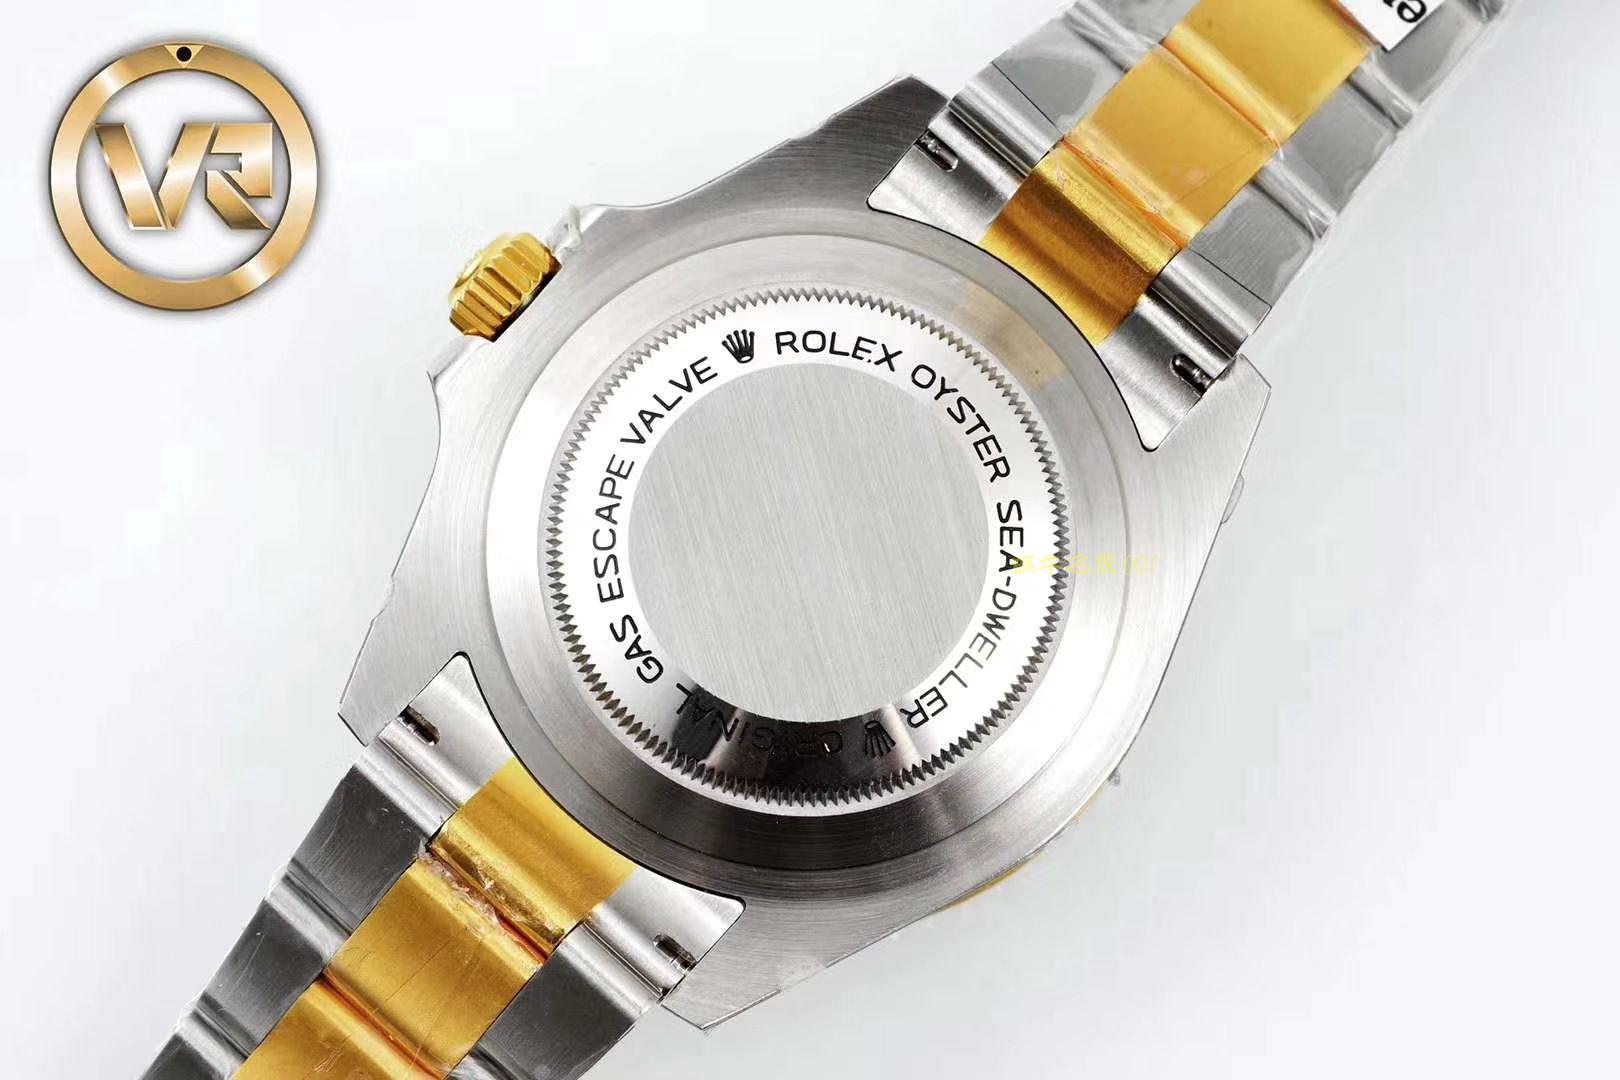 劳力士海使型系列m126603-0001腕表【VR一比一超A高仿海使单红鬼王43MM K金版本包金】